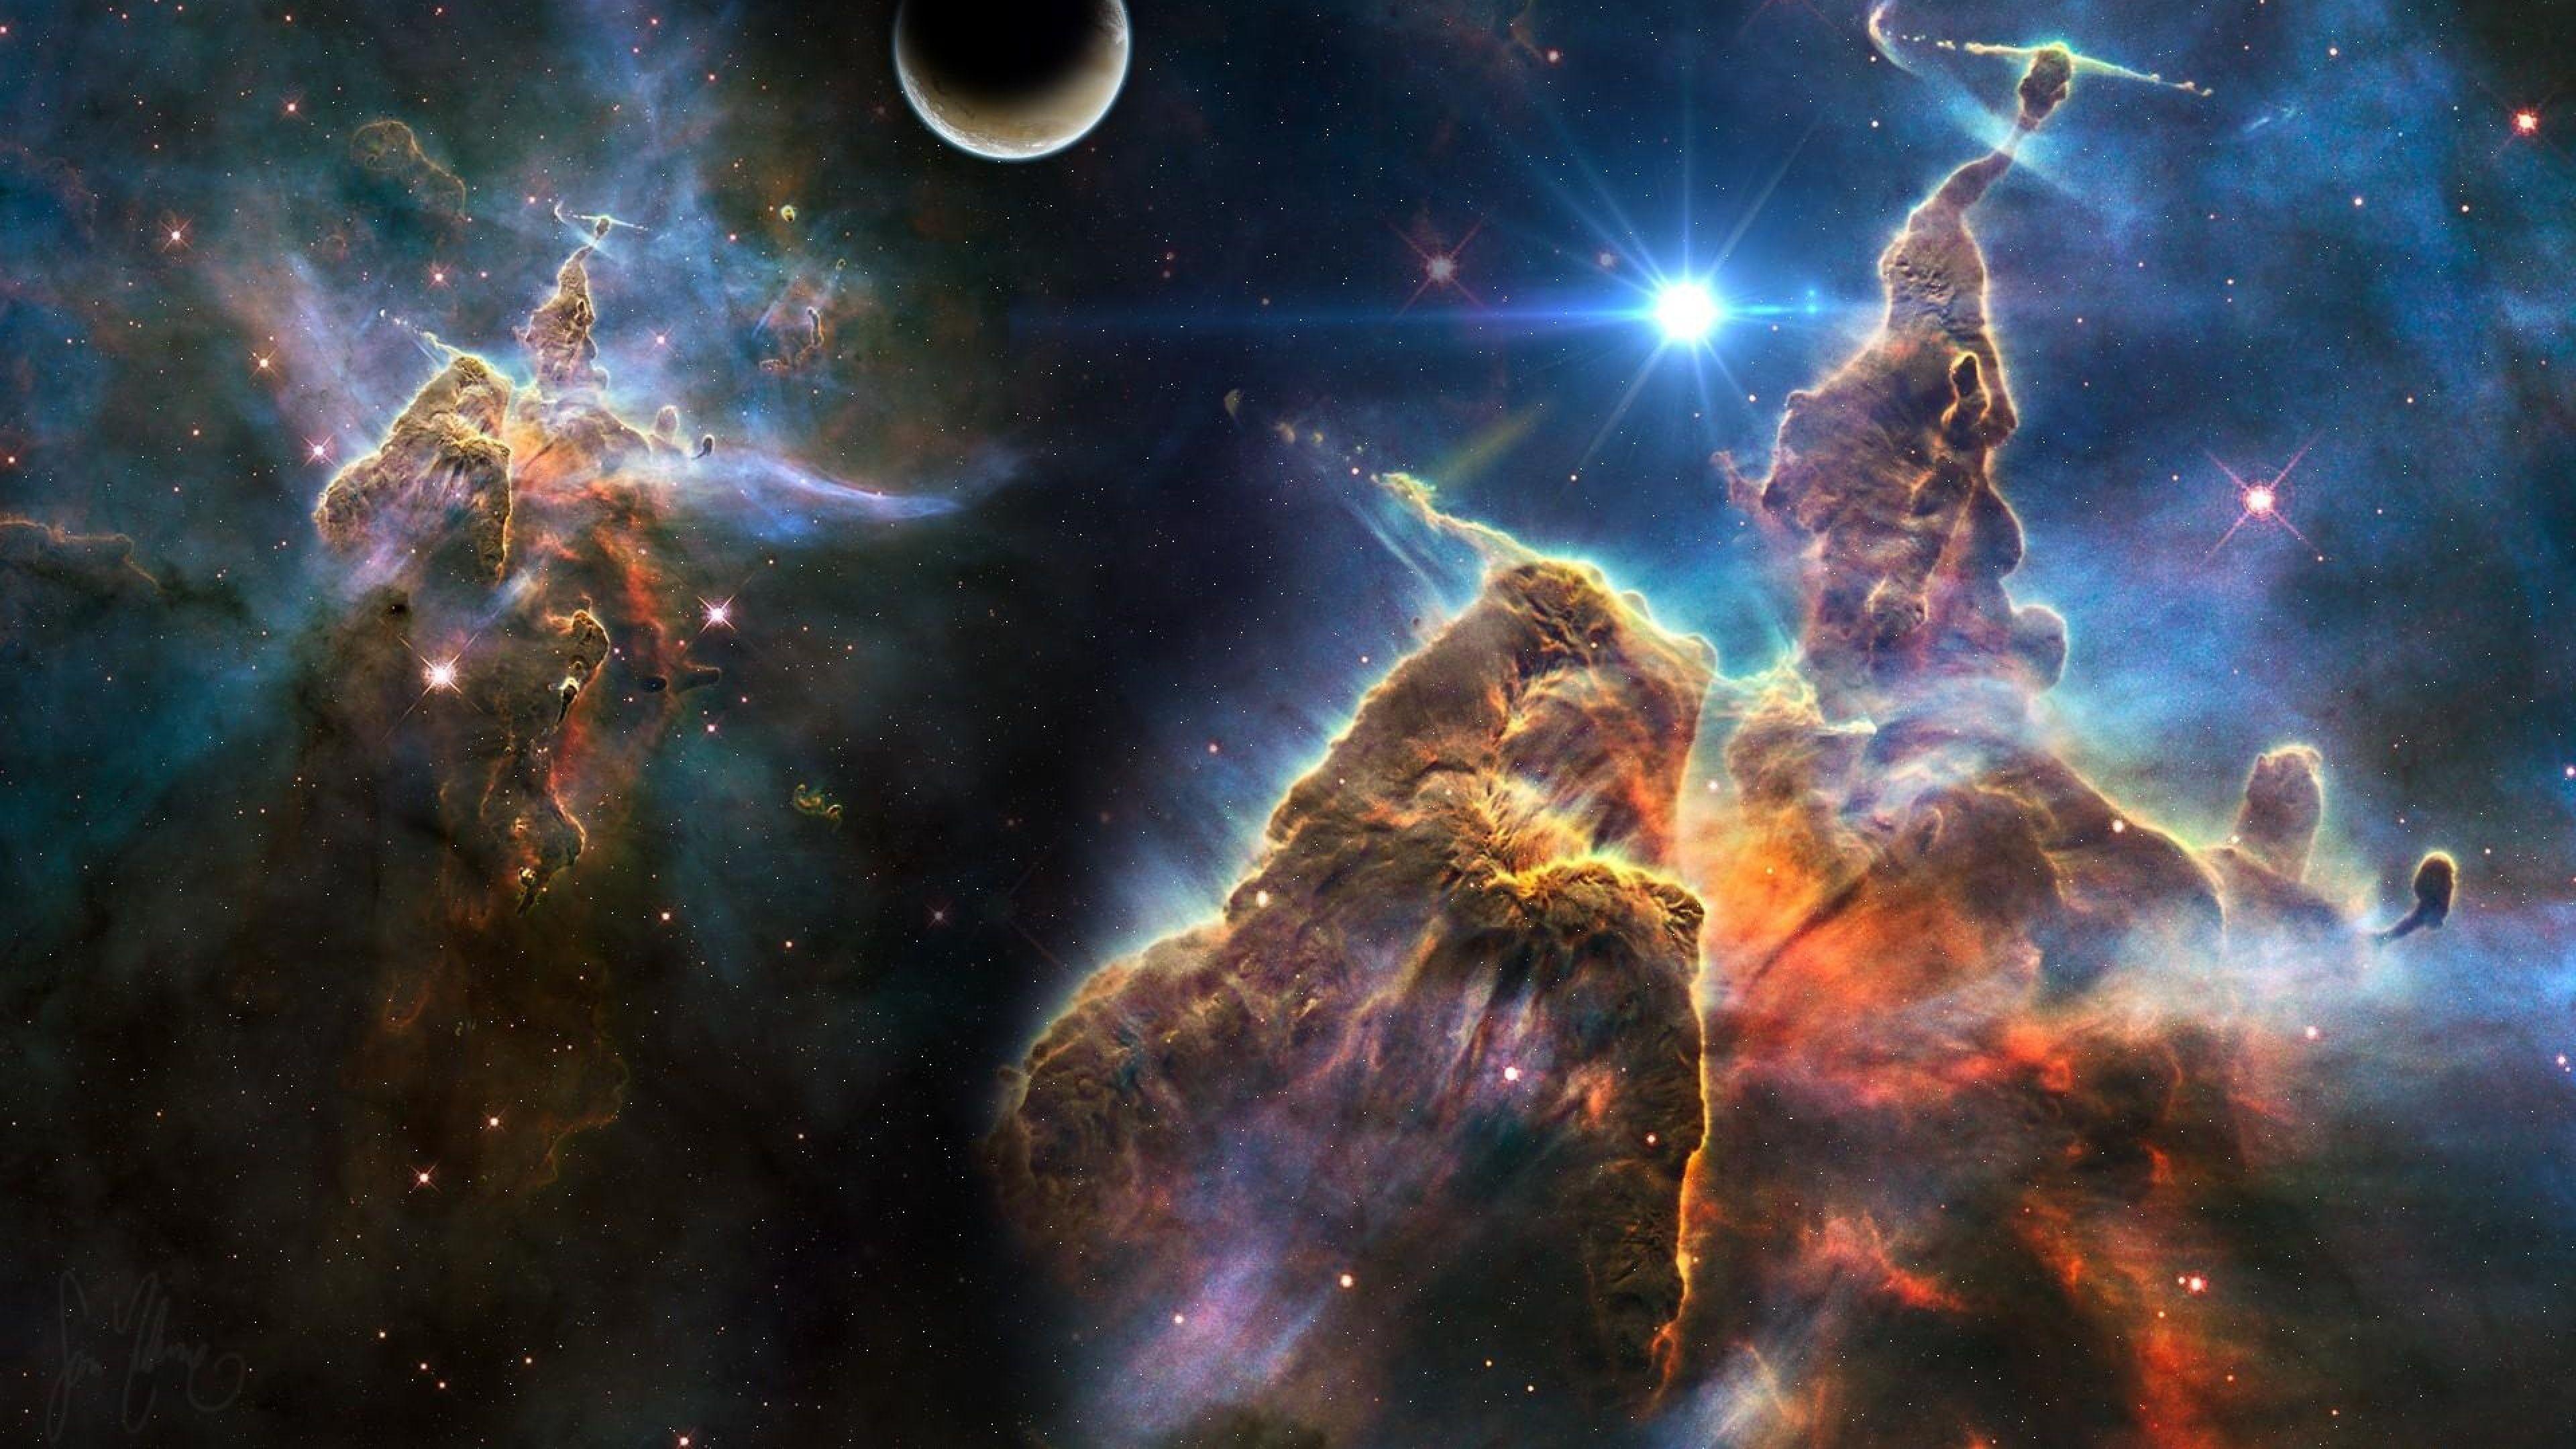 Hd wallpaper universe - Universe 3d High Resolution Wallpaper Hd